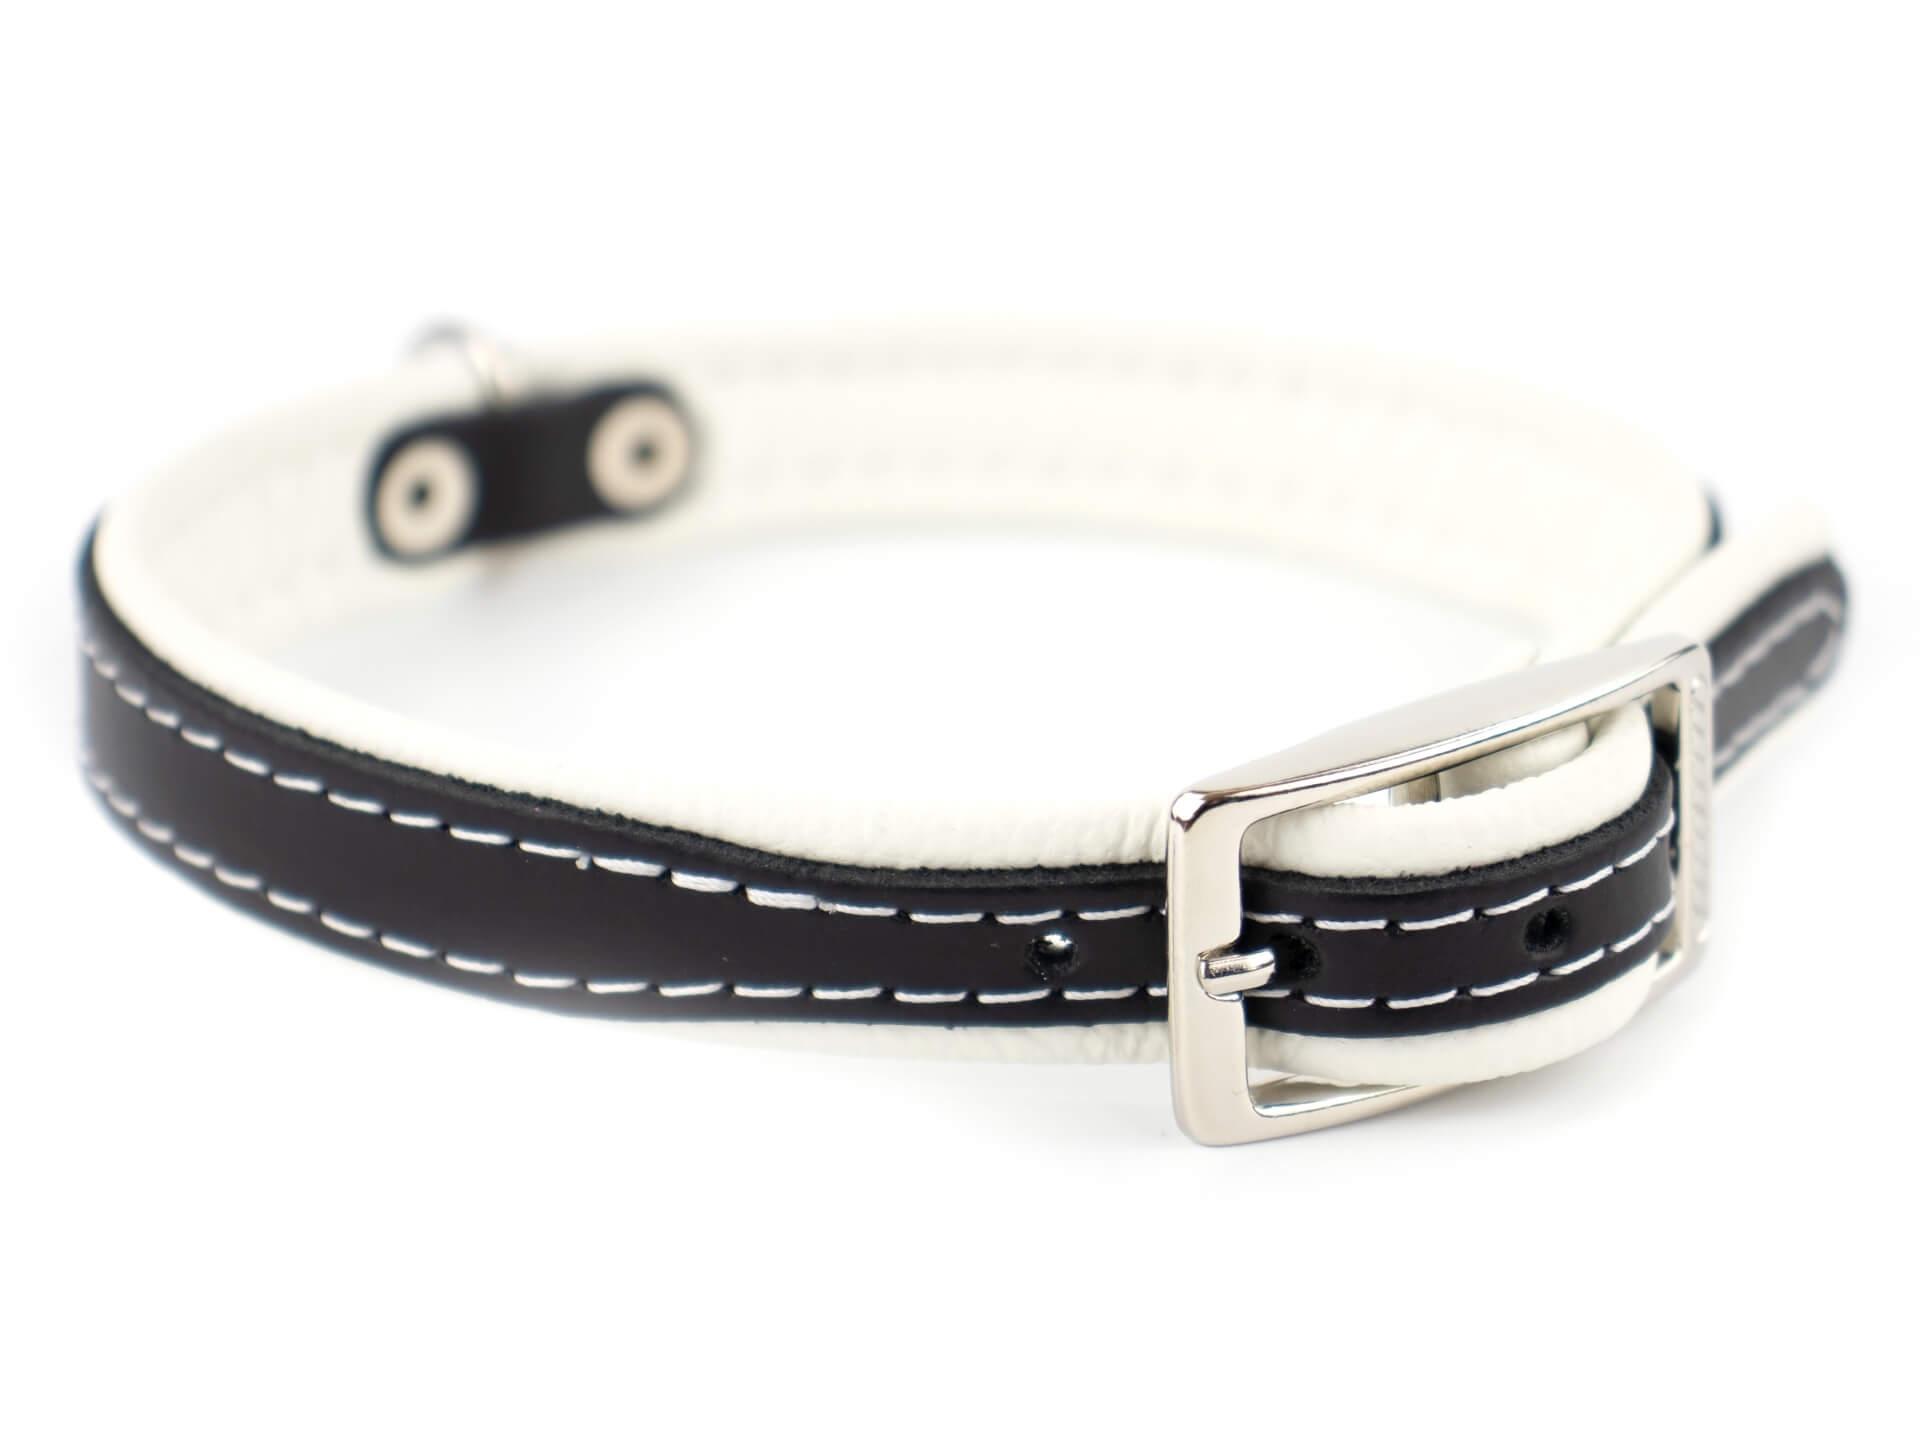 Vsepropejska Leather kožený obojek pro psa | 19 - 53 cm Barva: Bílá, Obvod krku: 26 - 31 cm